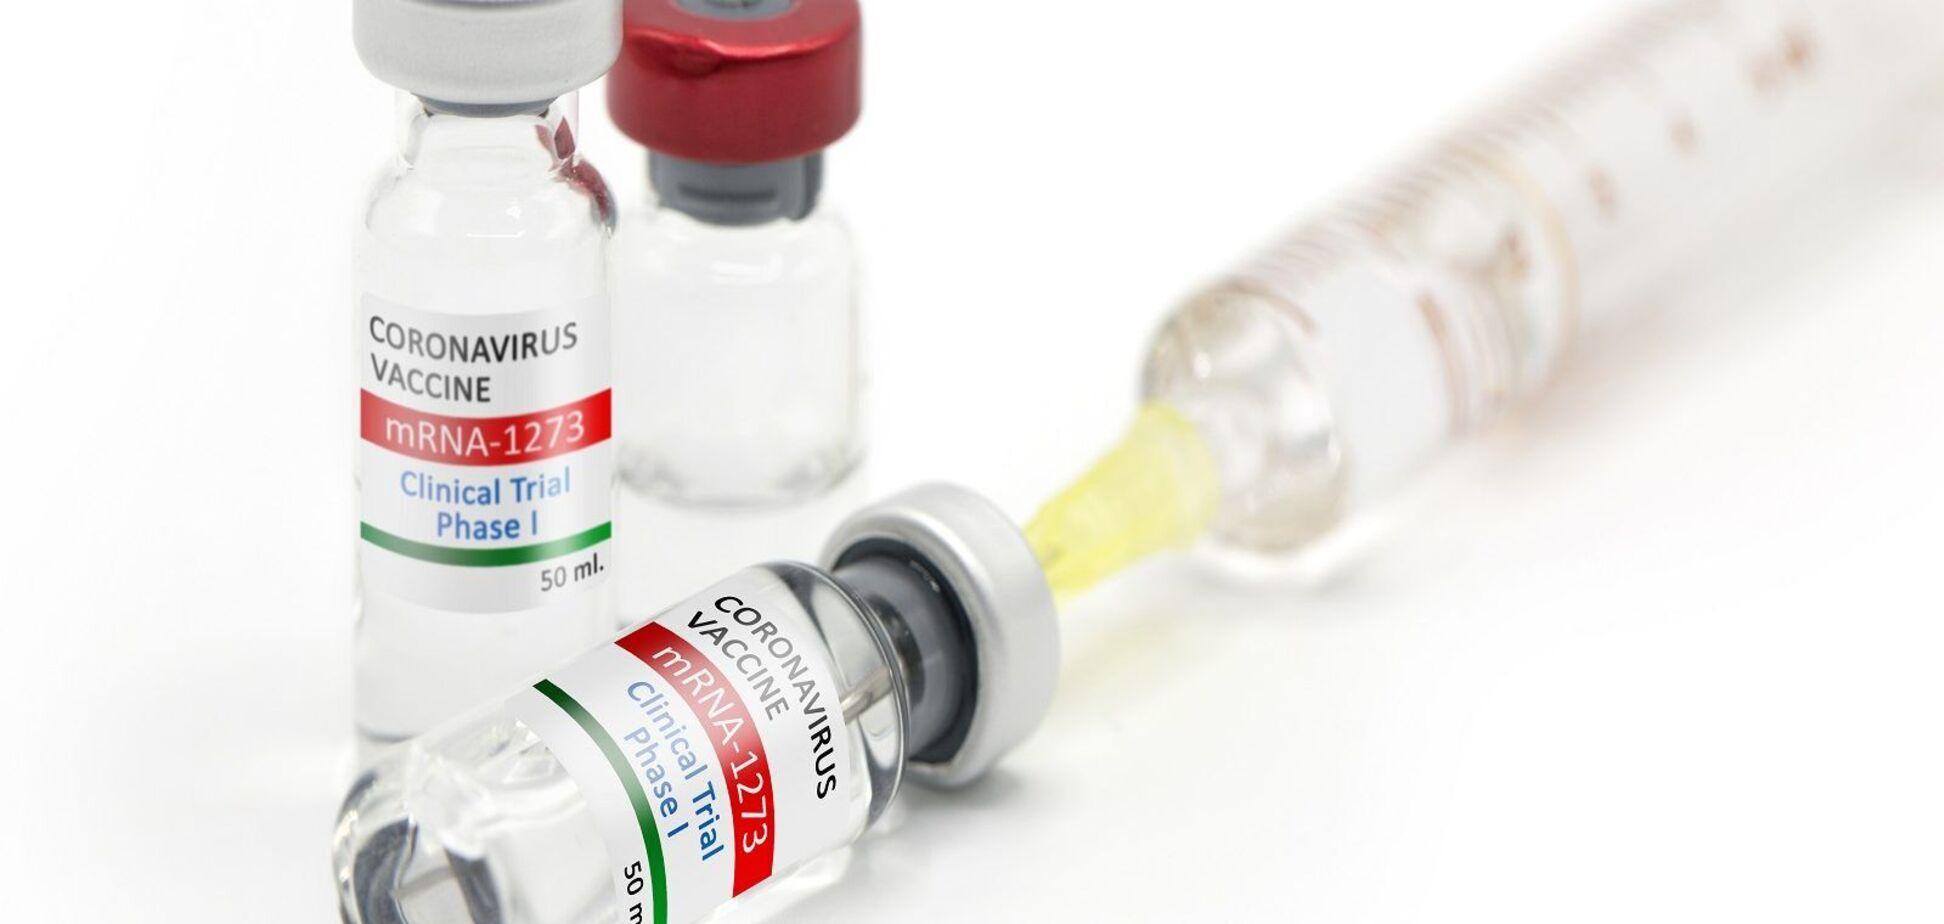 Ефективність мРНК-вакцин: більше 95%